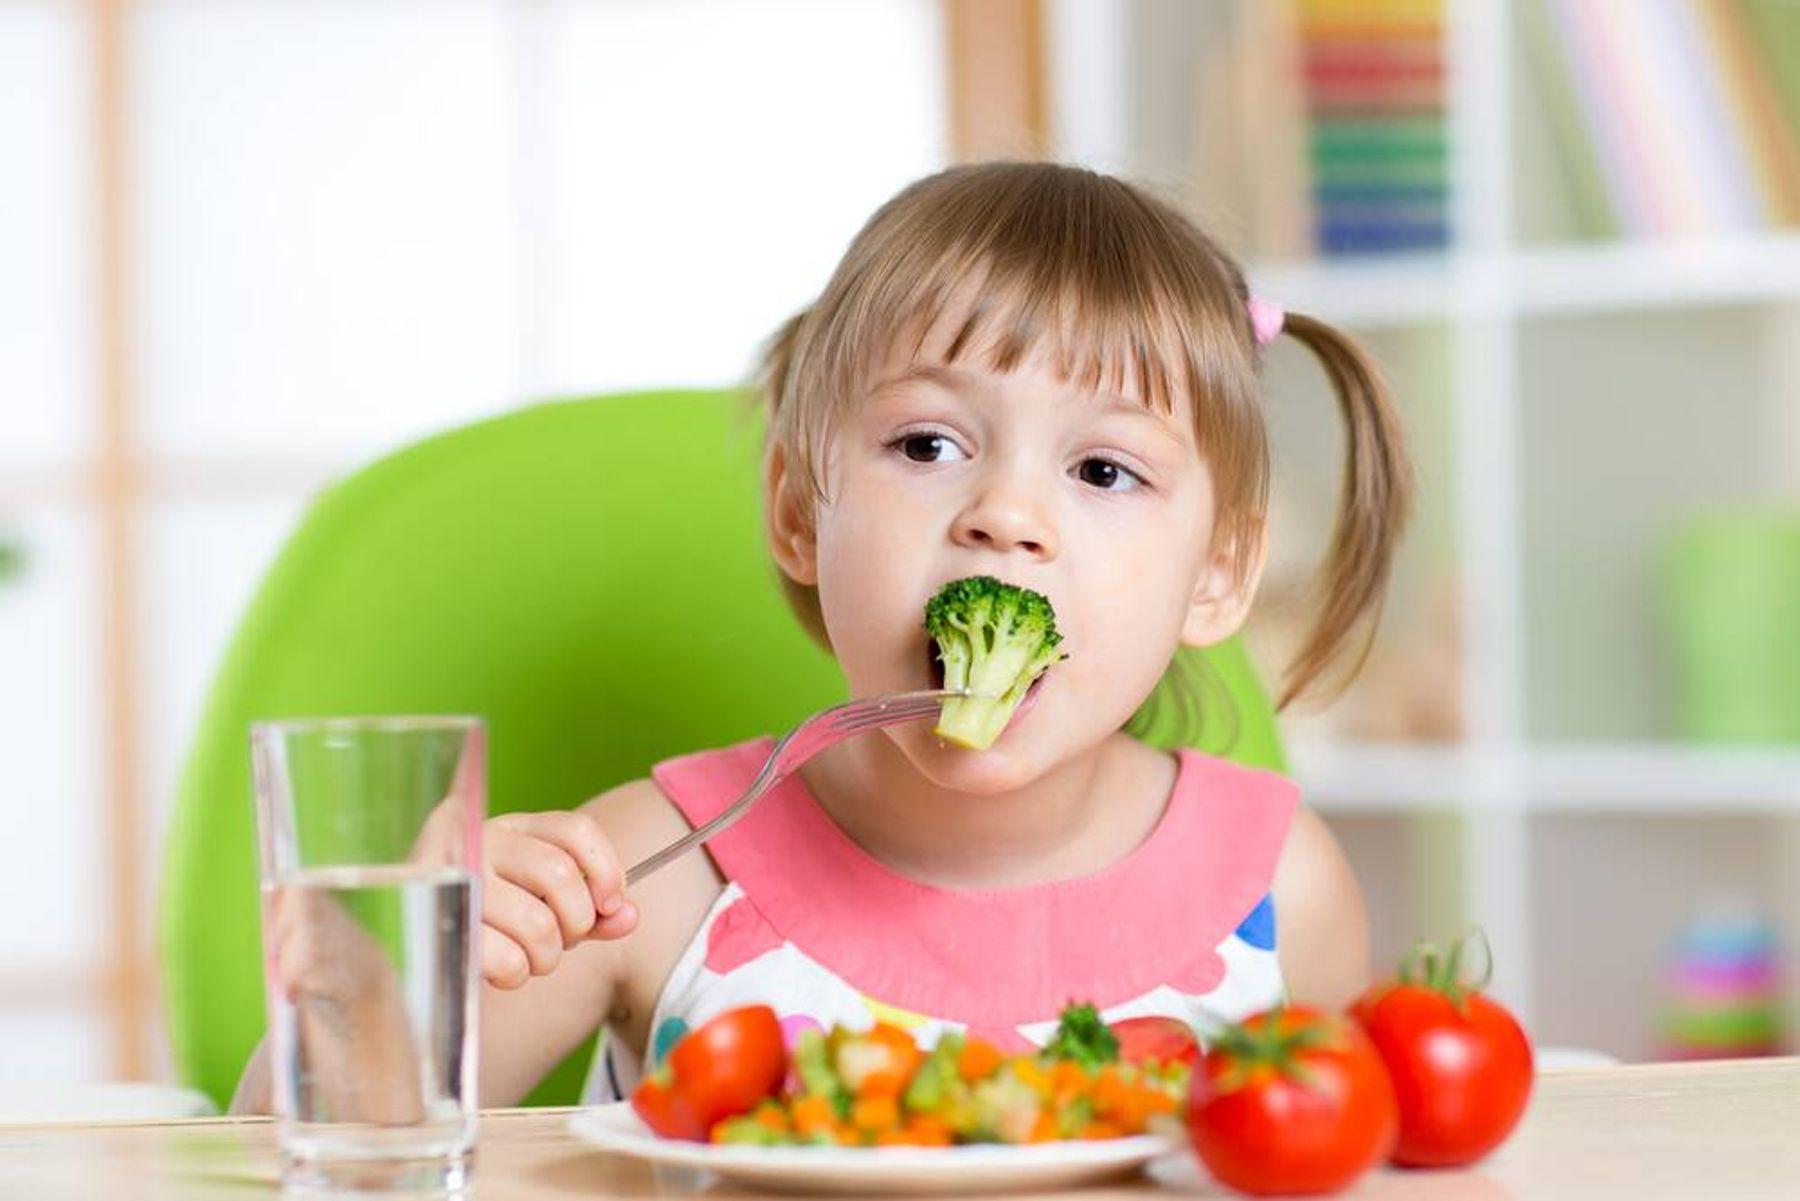 Đồ dùng ăn uống của trẻ luôn được diệt khuẩn